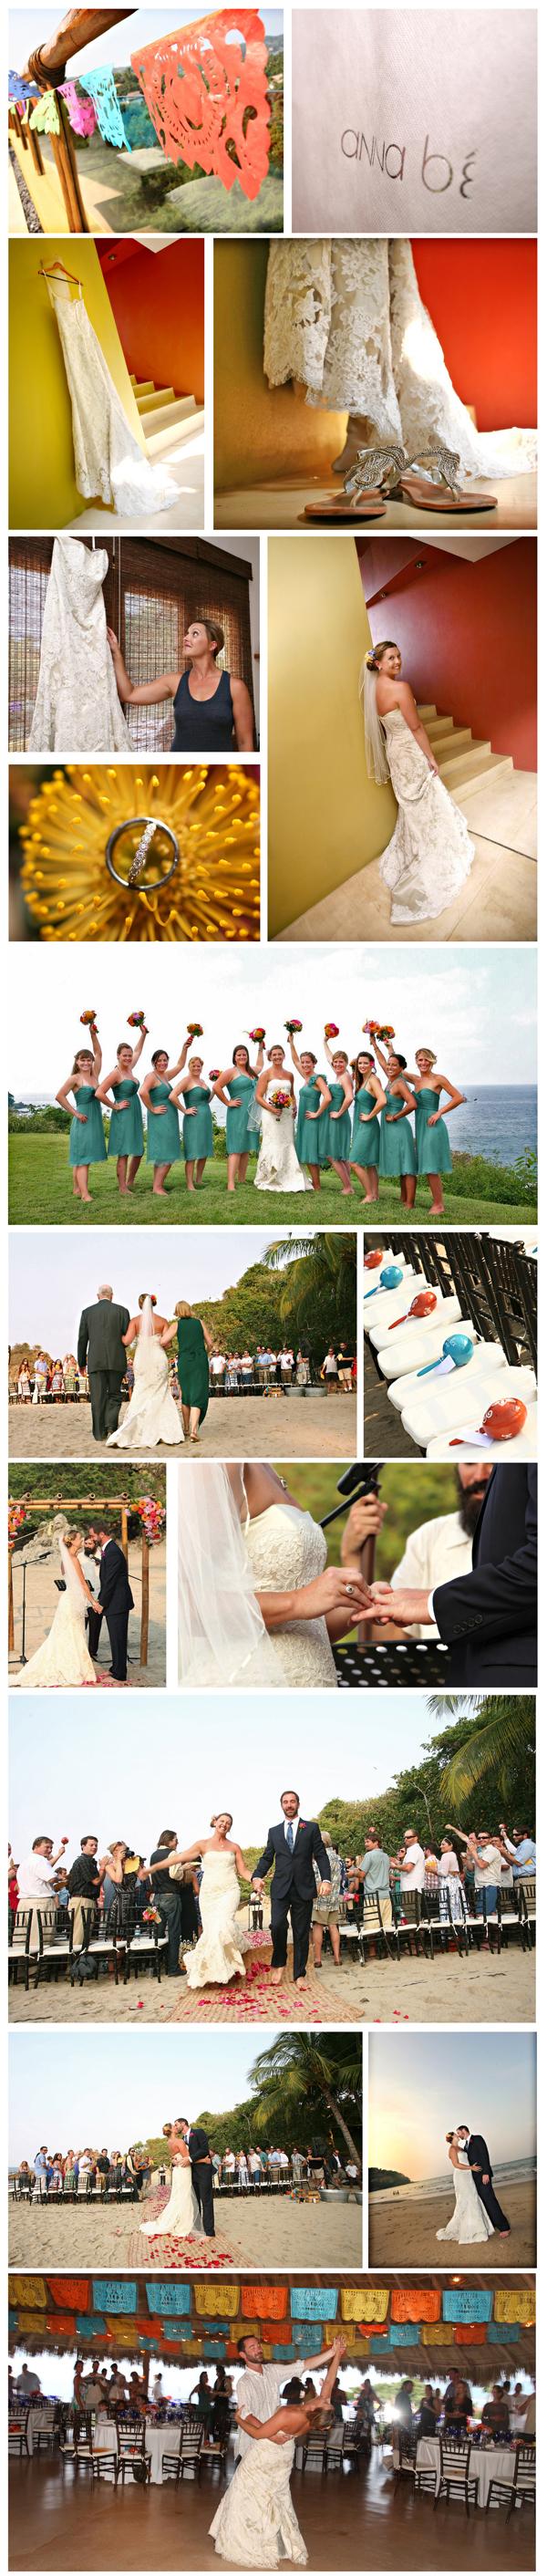 WEDDING GOWN: modern trousseau | PHOTOGRAPHY: photo element studio | anna bé bridal boutique